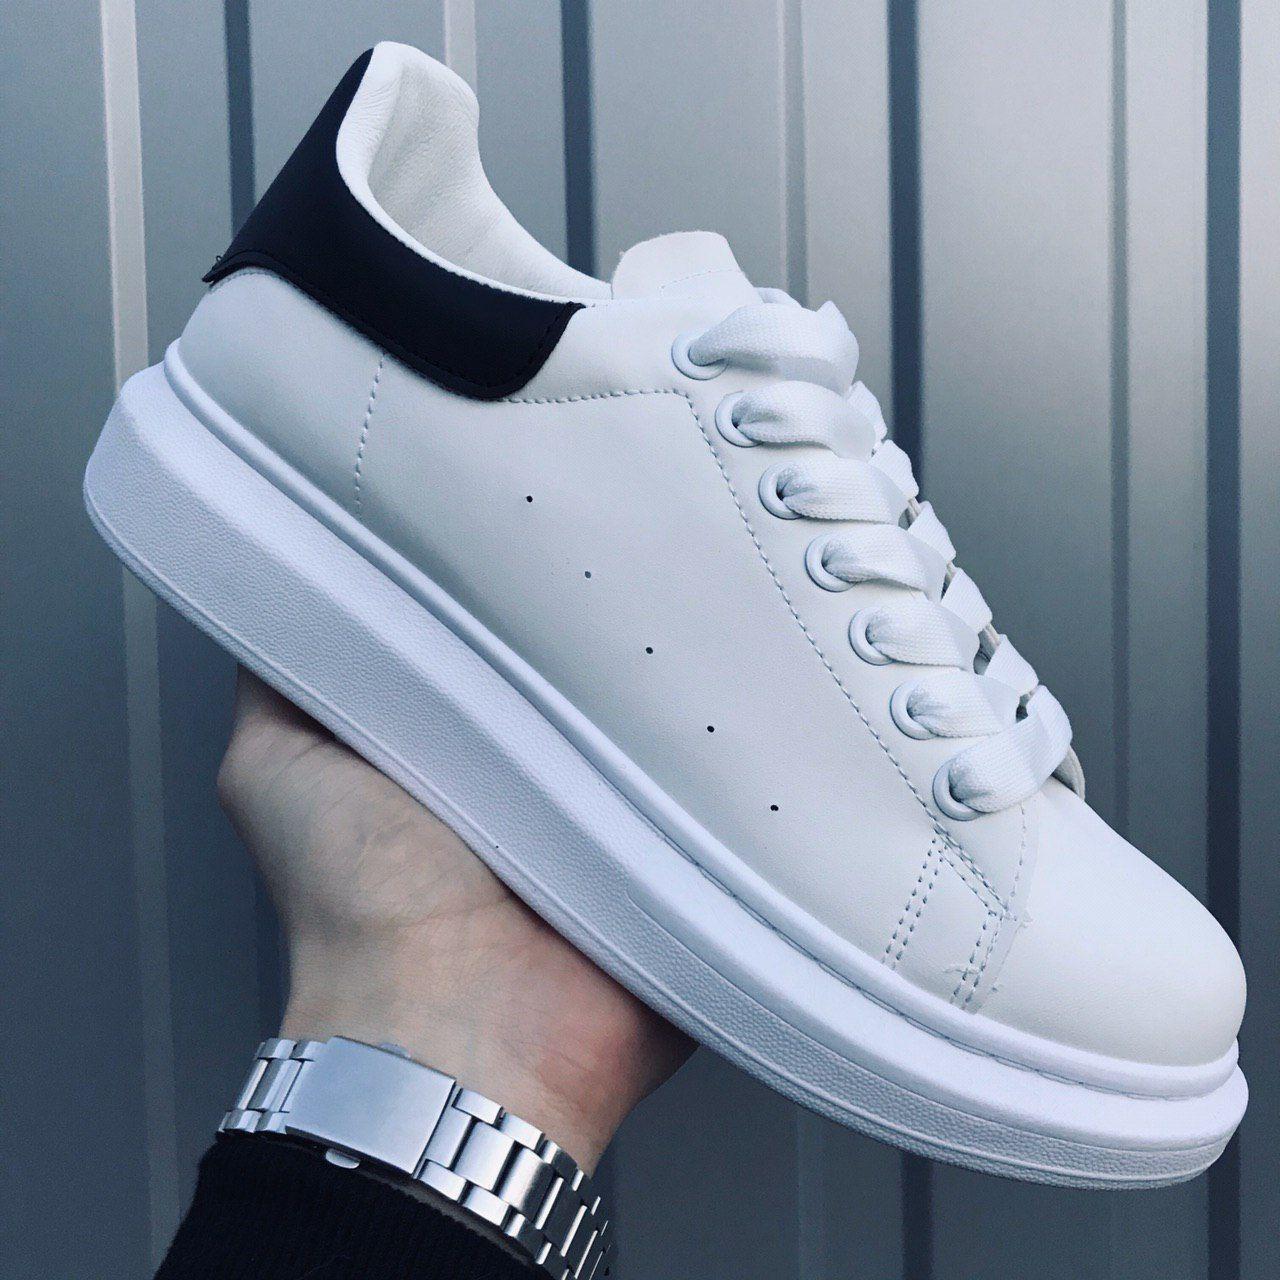 Мужские кроссовки Alexander McQueen White Black / Александр Маквин Белые Черные